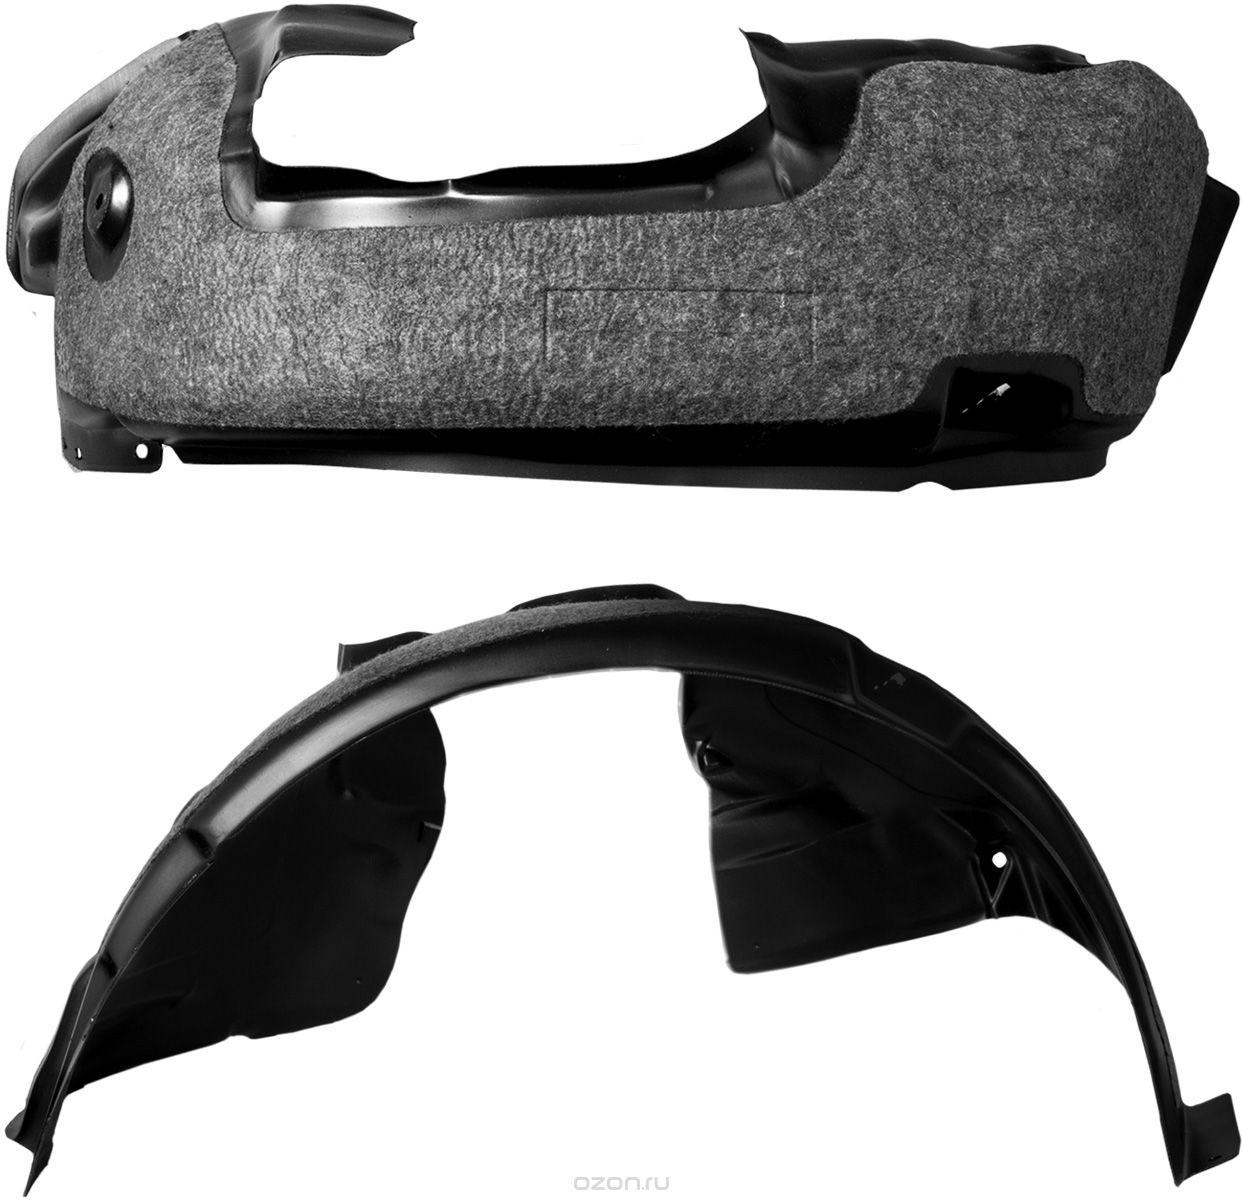 Подкрылок Novline-Autofamily с шумоизоляцией, для Hyundai Creta, 06/2016->, кроссовер, задний левыйNLS.20.47.003Идеальная защита колесной ниши. Локеры разработаны с применением цифровых технологий, гарантируют максимальную повторяемость поверхности арки. Изделия устанавливаются без нарушения лакокрасочного покрытия автомобиля, каждый подкрылок комплектуется крепежом. Уважаемые клиенты, обращаем ваше внимание, что фотографии на подкрылки универсальные и не отражают реальную форму изделия. При этом само изделие идет точно под размер указанного автомобиля.